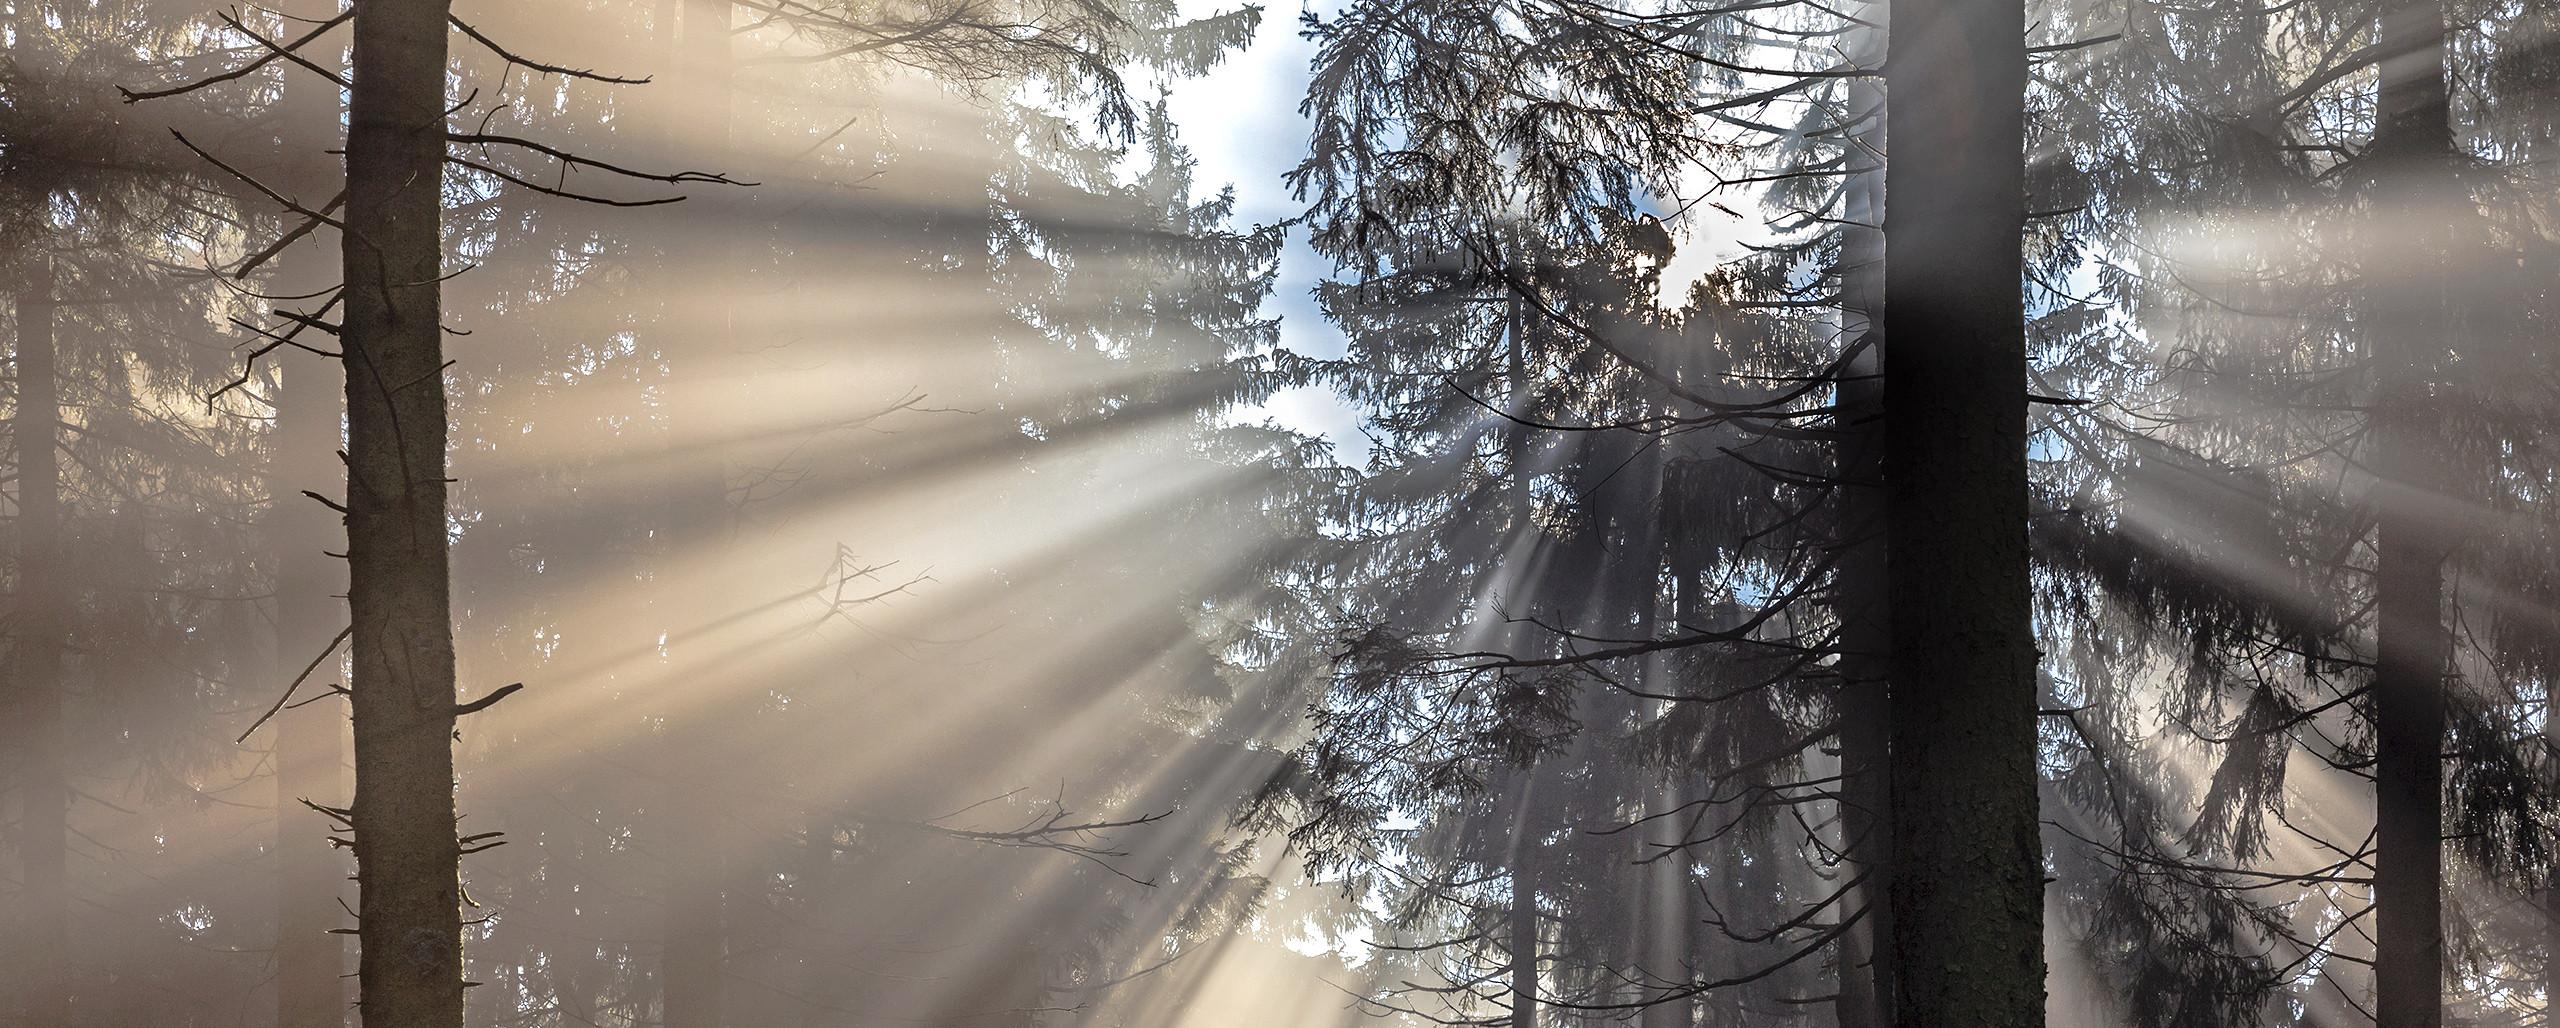 EXTRAORDINARY LIGHT